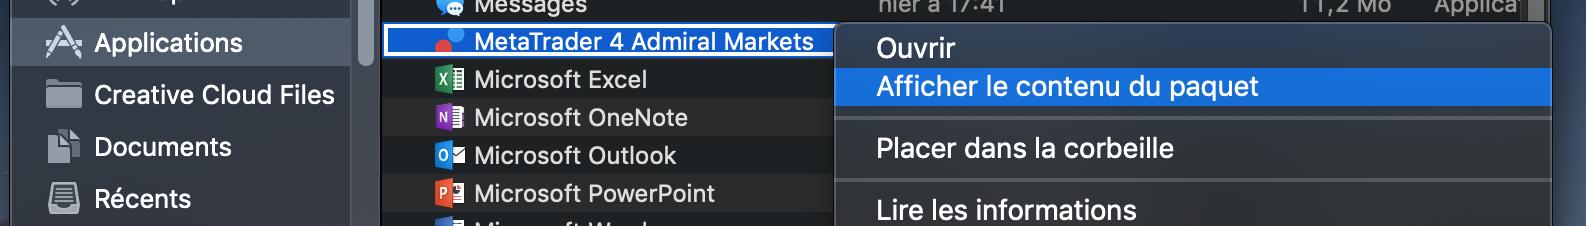 Comment afficher le contenu du paquet MetaTrader 4 MAC